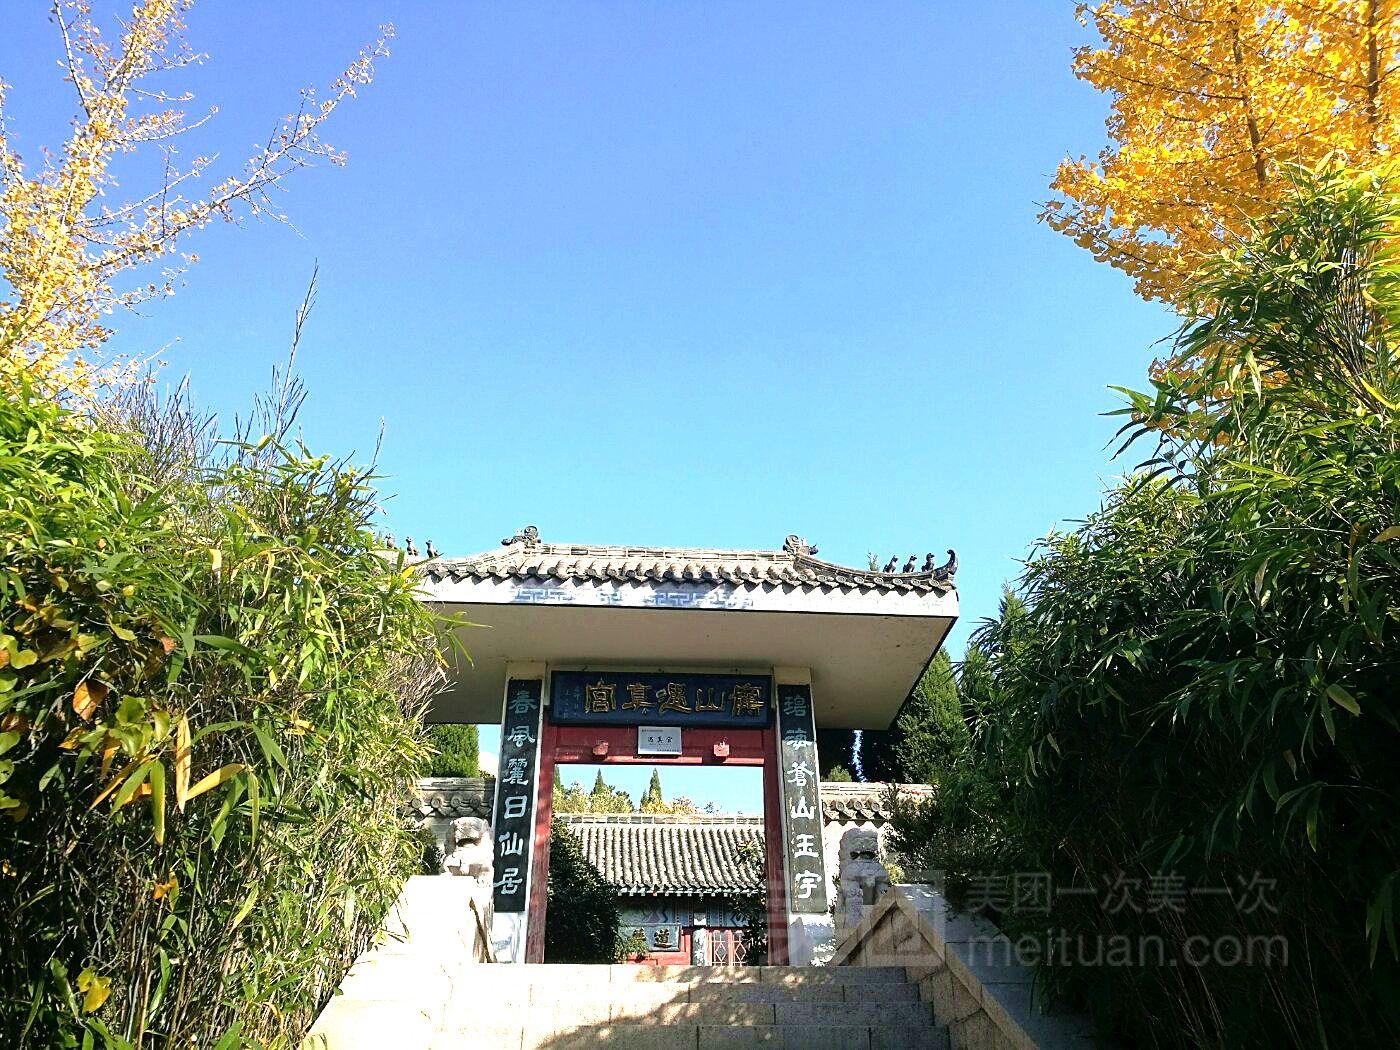 鹤山风景区鹤山坐落于崂山北麓即墨,东陲黄海之滨的鳌山卫境内,为